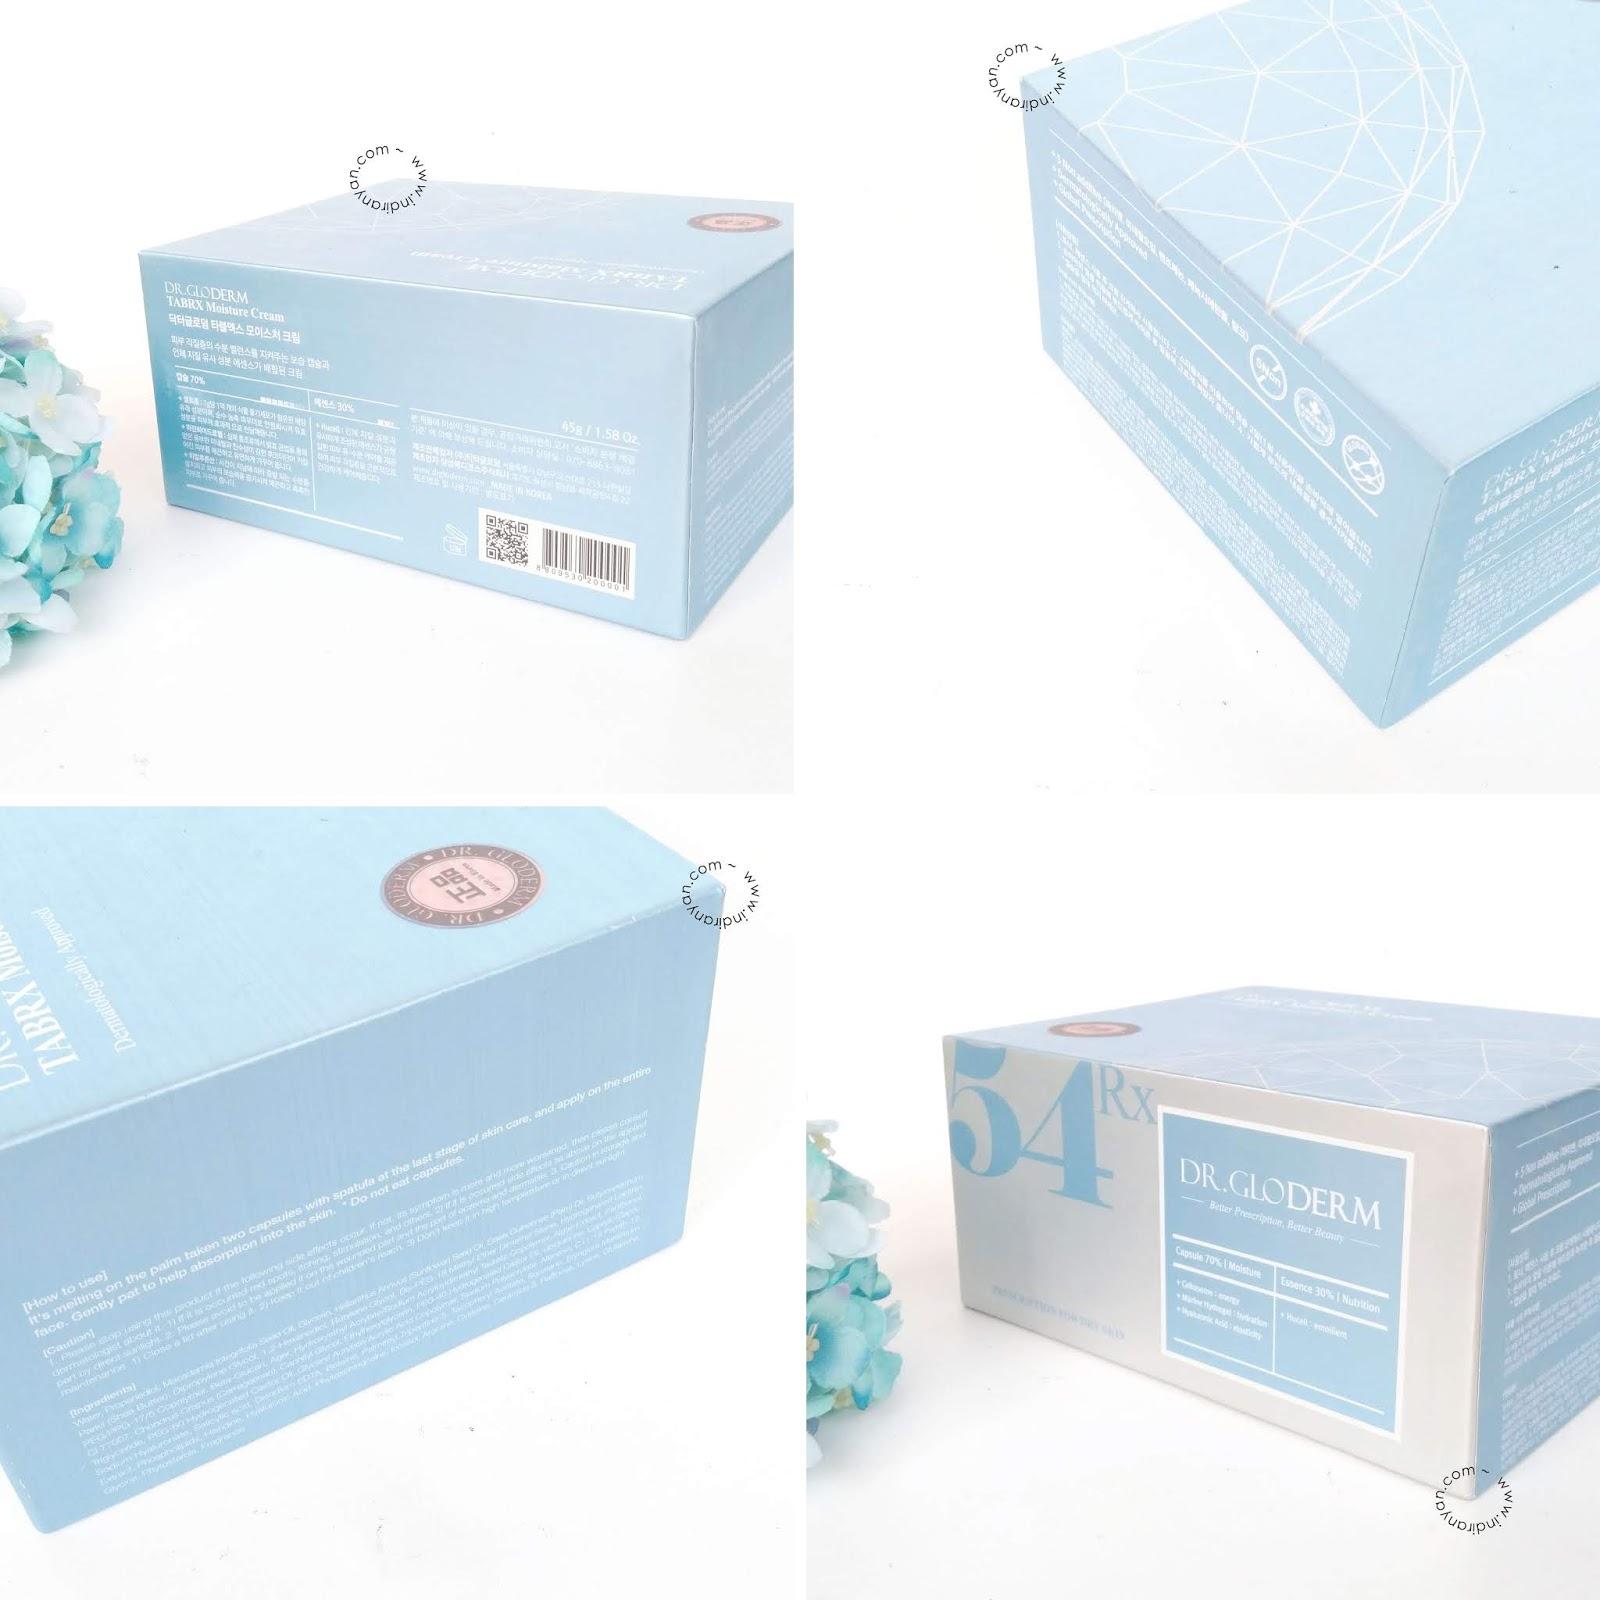 dr-gloderm-tabrx-moisture-cream